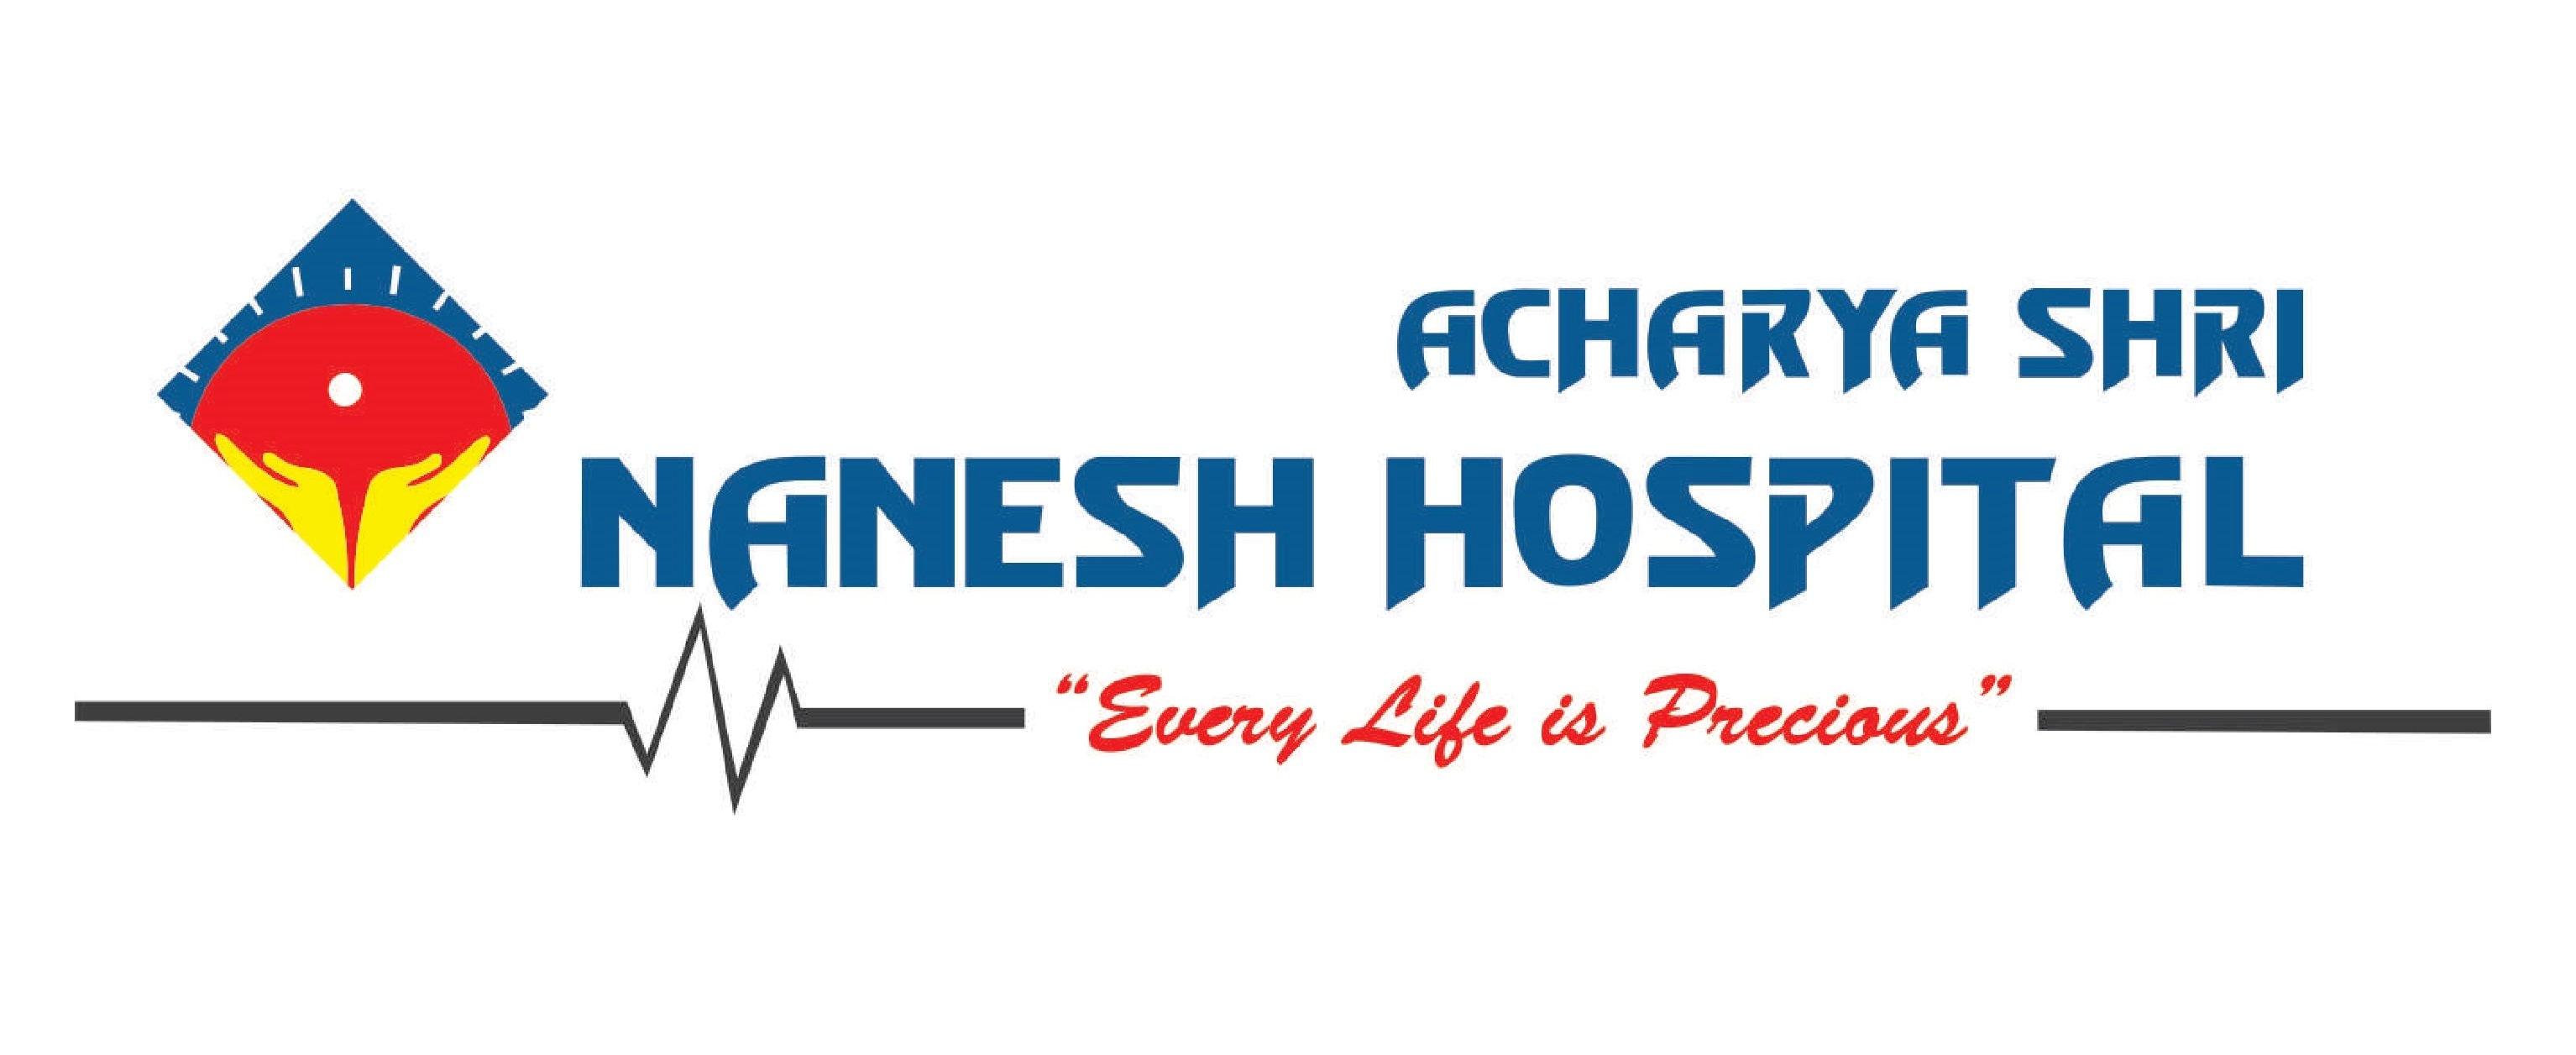 Acharya Sri Nanesh Hospital - CBD Belapur - Navi Mumbai Image